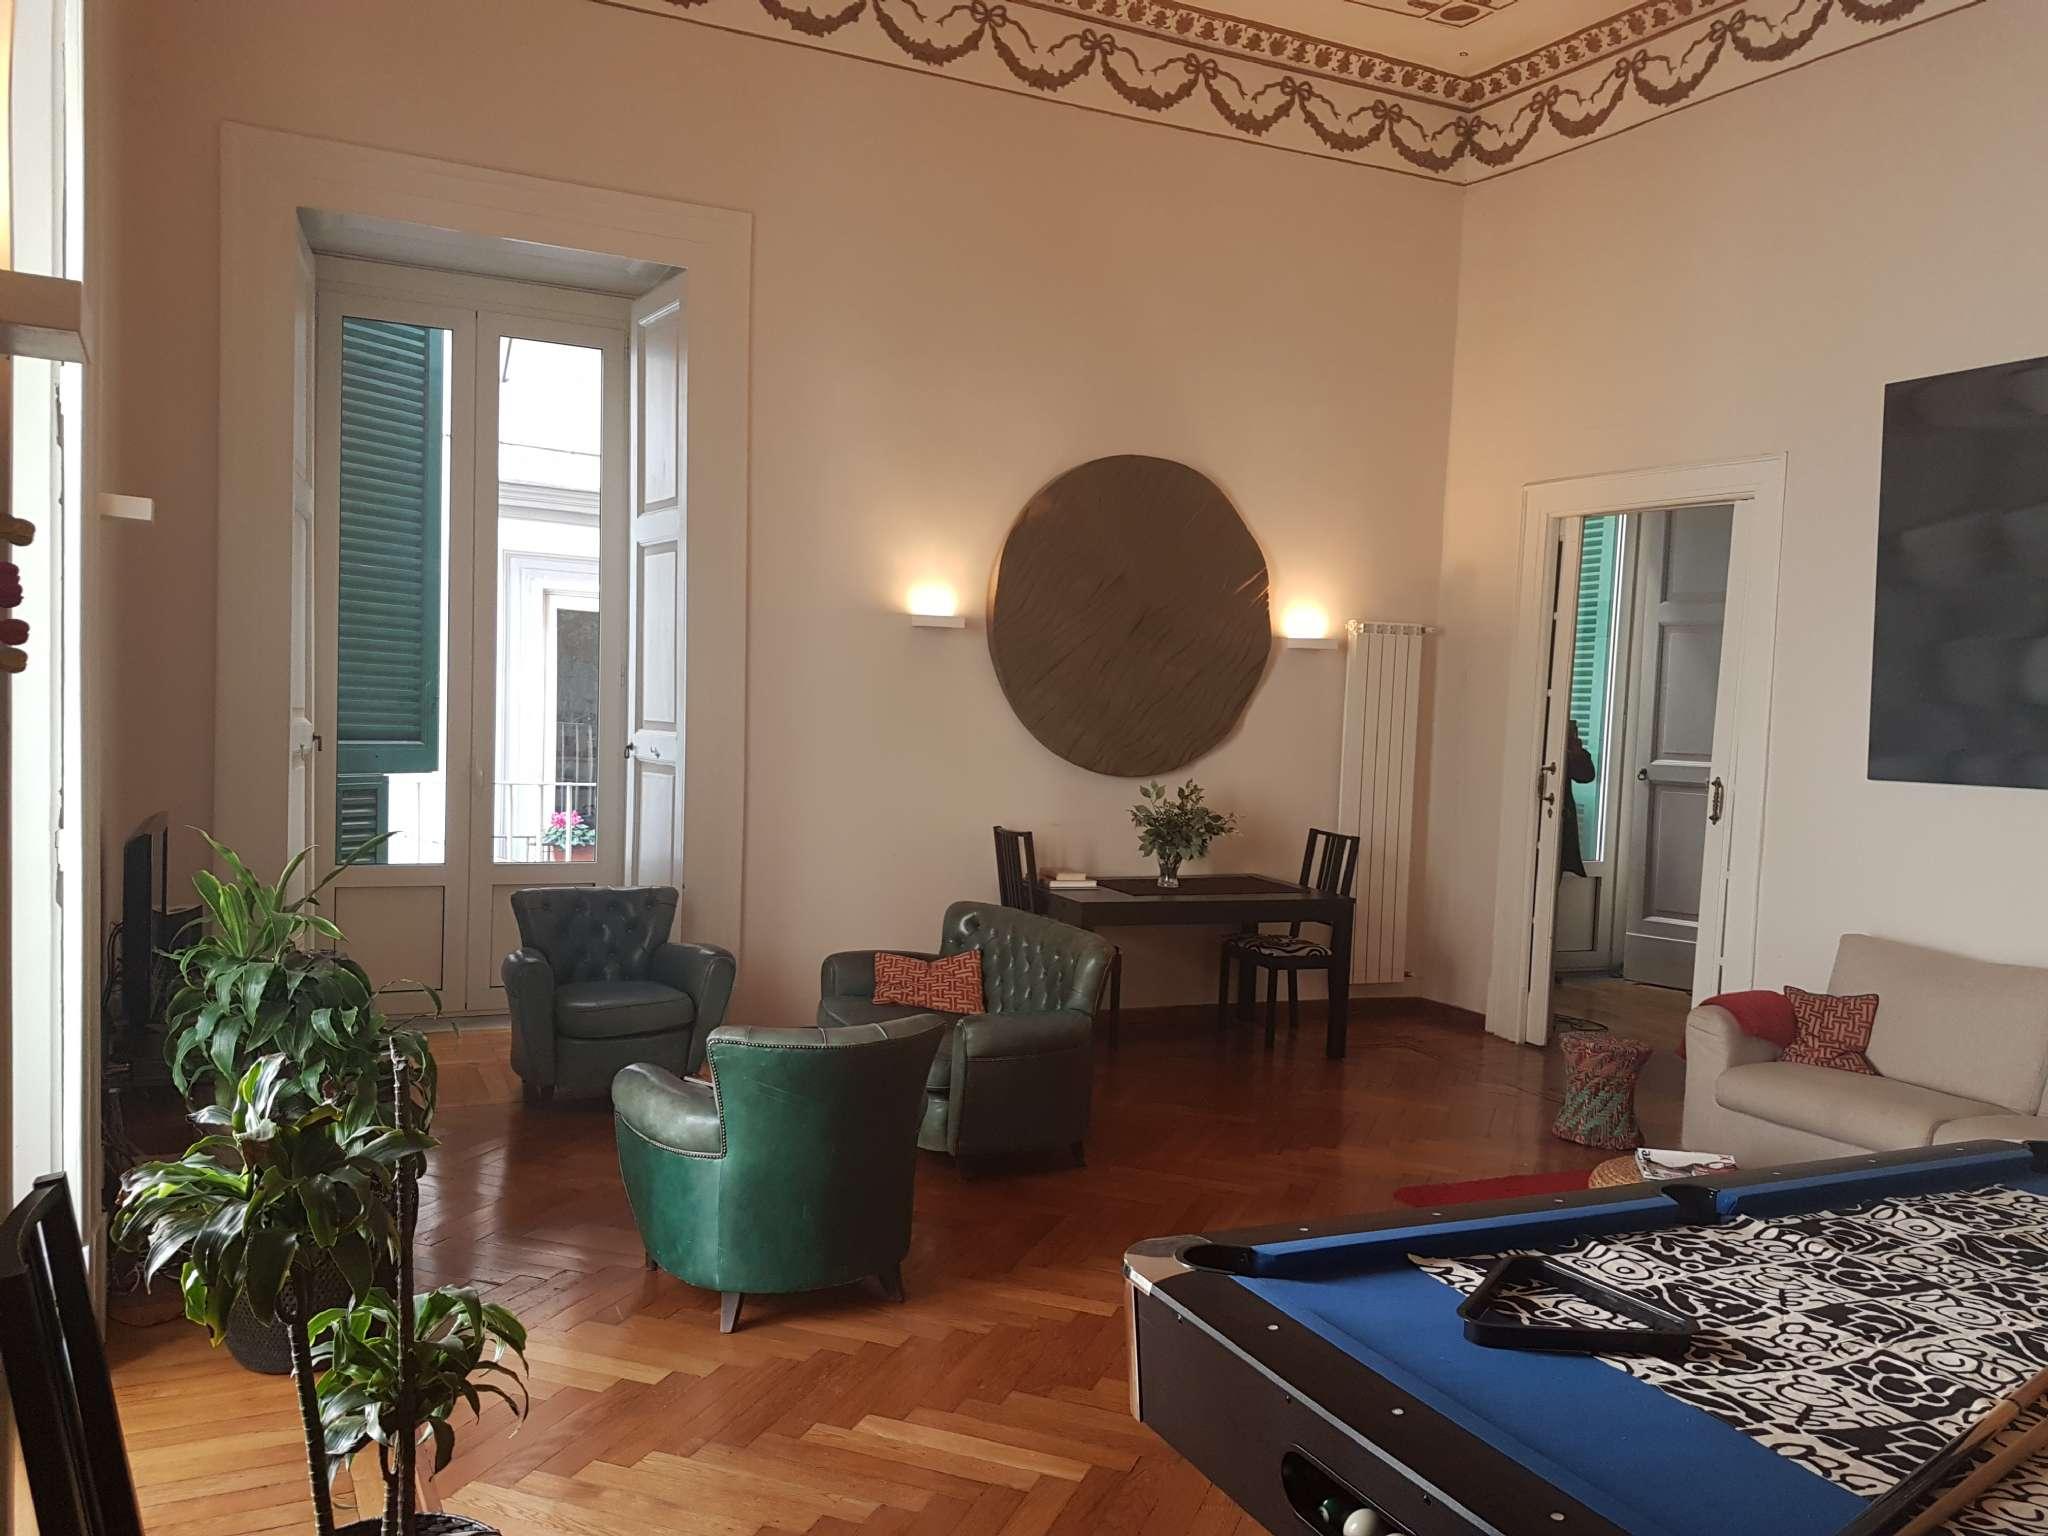 Appartamento in affitto a Napoli, 3 locali, zona Zona: 1 . Chiaia, Posillipo, San Ferdinando, prezzo € 1.100 | Cambio Casa.it